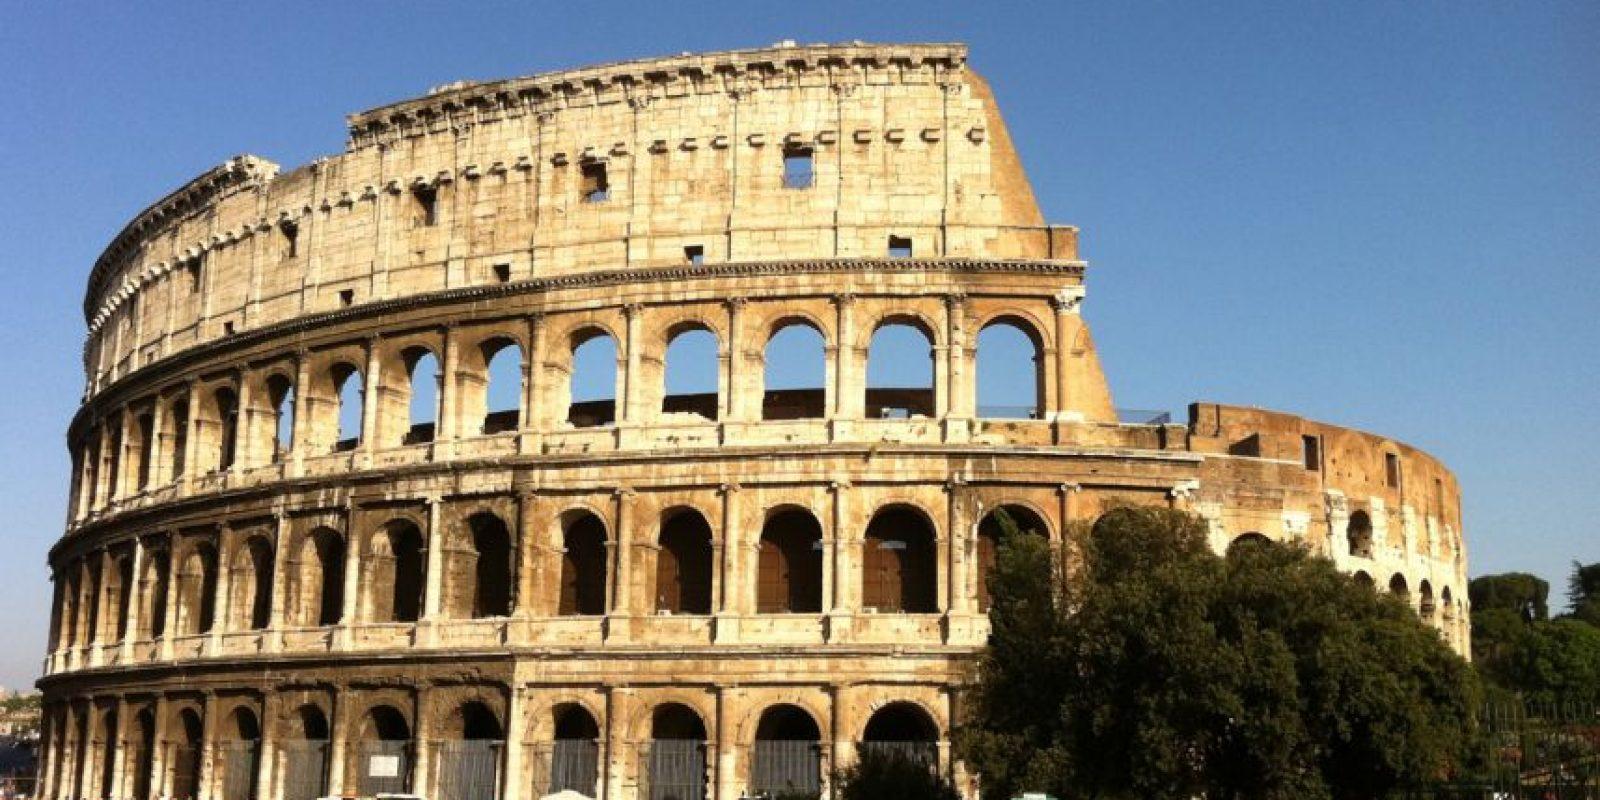 """El Coliseo, Italia, de acuerdo con la revista """"National Geographic"""". Foto:Vía Flickr. Imagen Por:"""